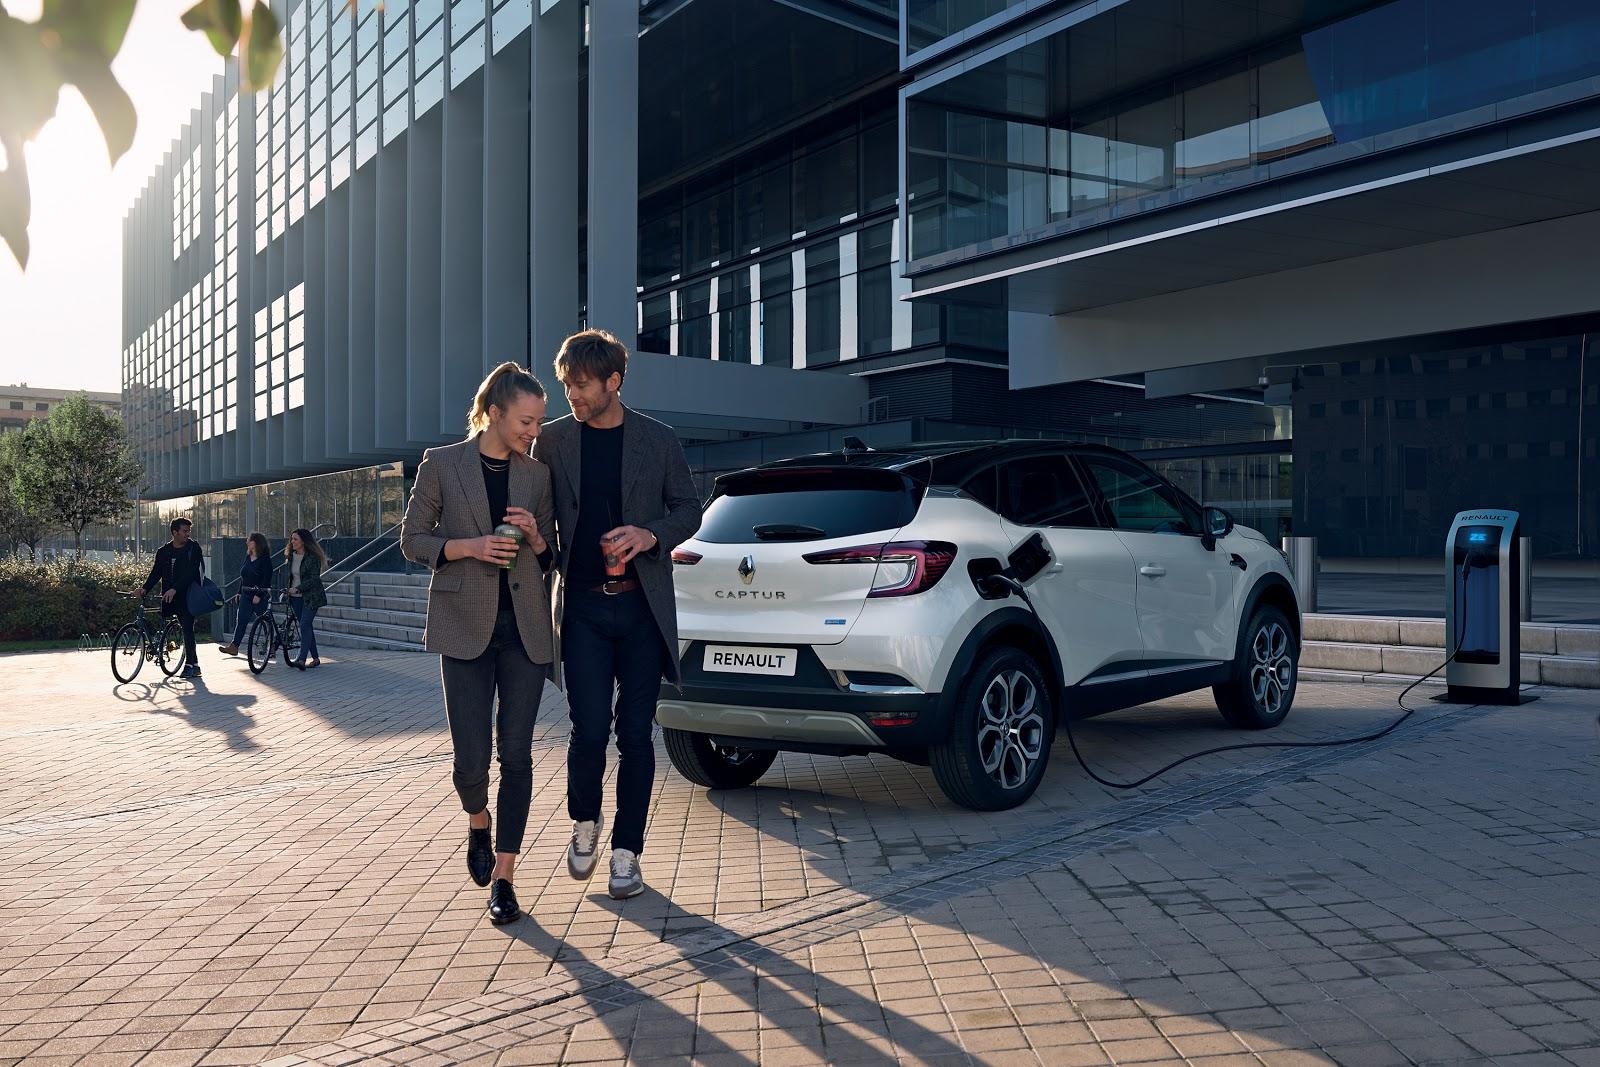 Nouveau Renault CAPTUR Hybride rechargeable, une nouvelle expérience de conduite...